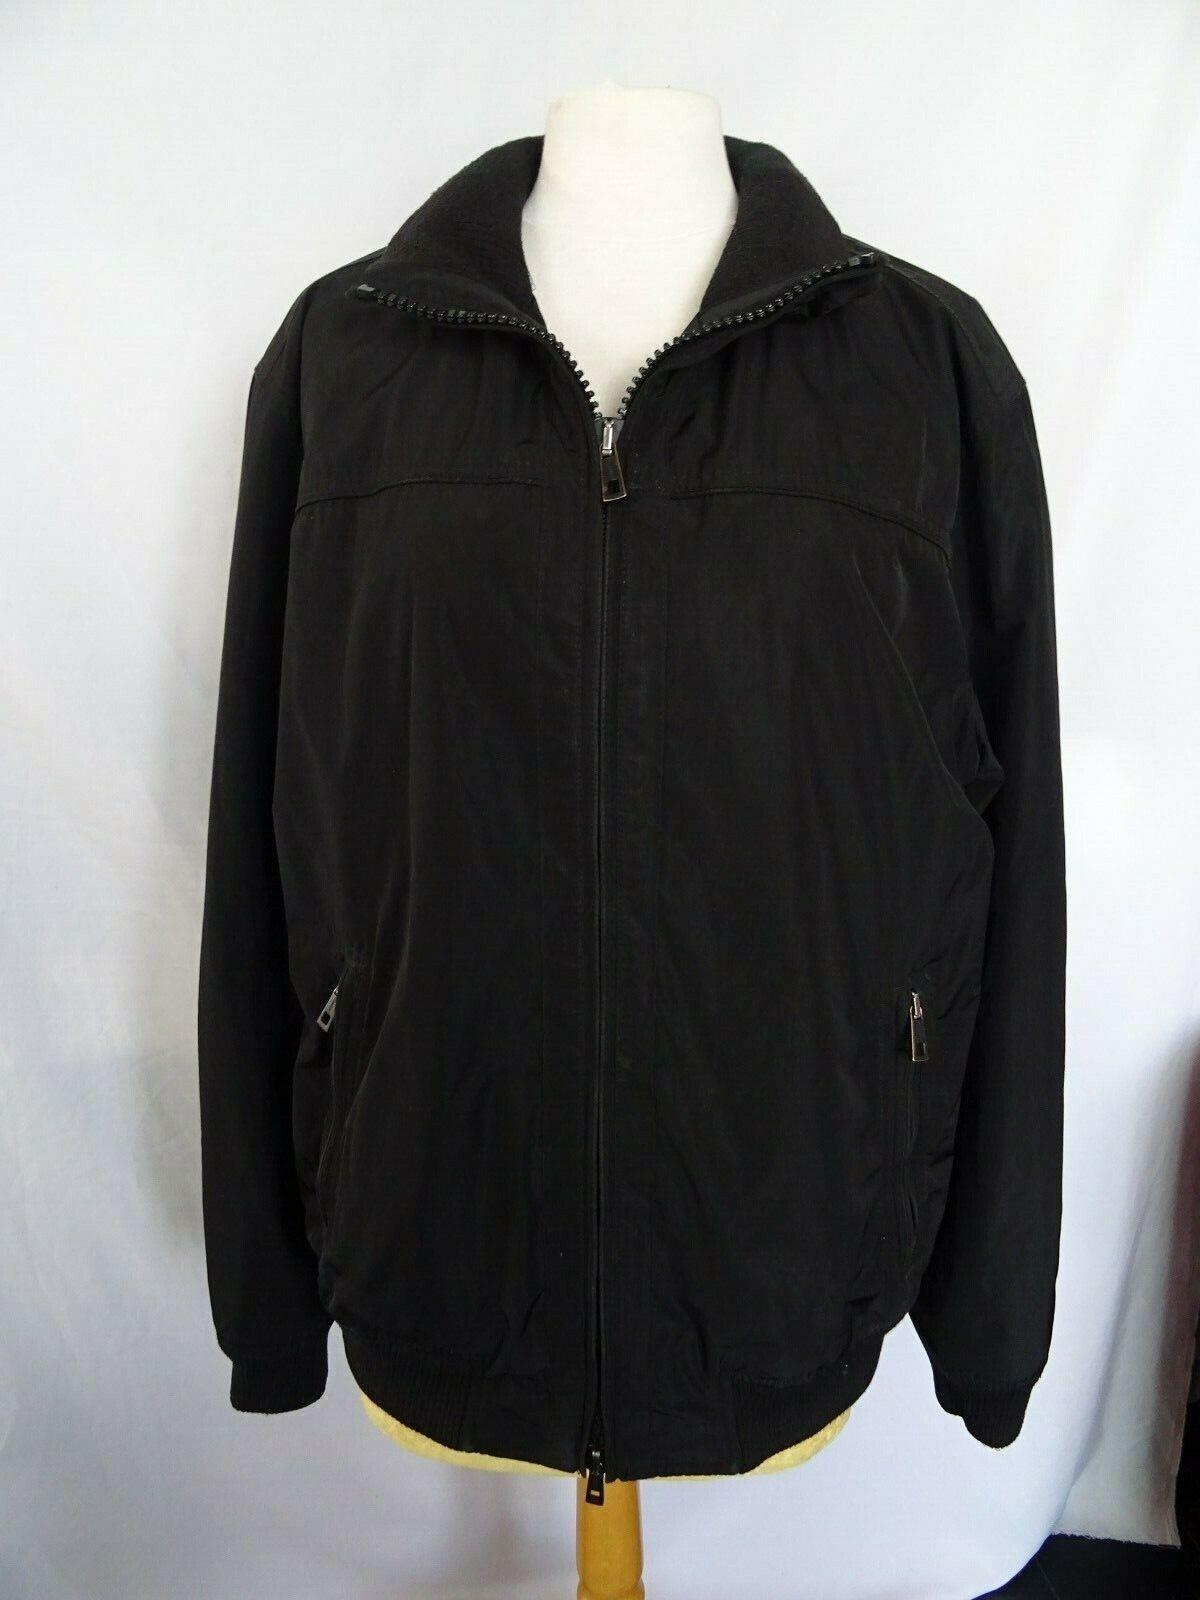 9400d85d7 BLOUSON IMPERMEABLE Capuche intégrée la marque KARL LAGERFELD de Superbe  nsptev8387-Suits & Tailoring